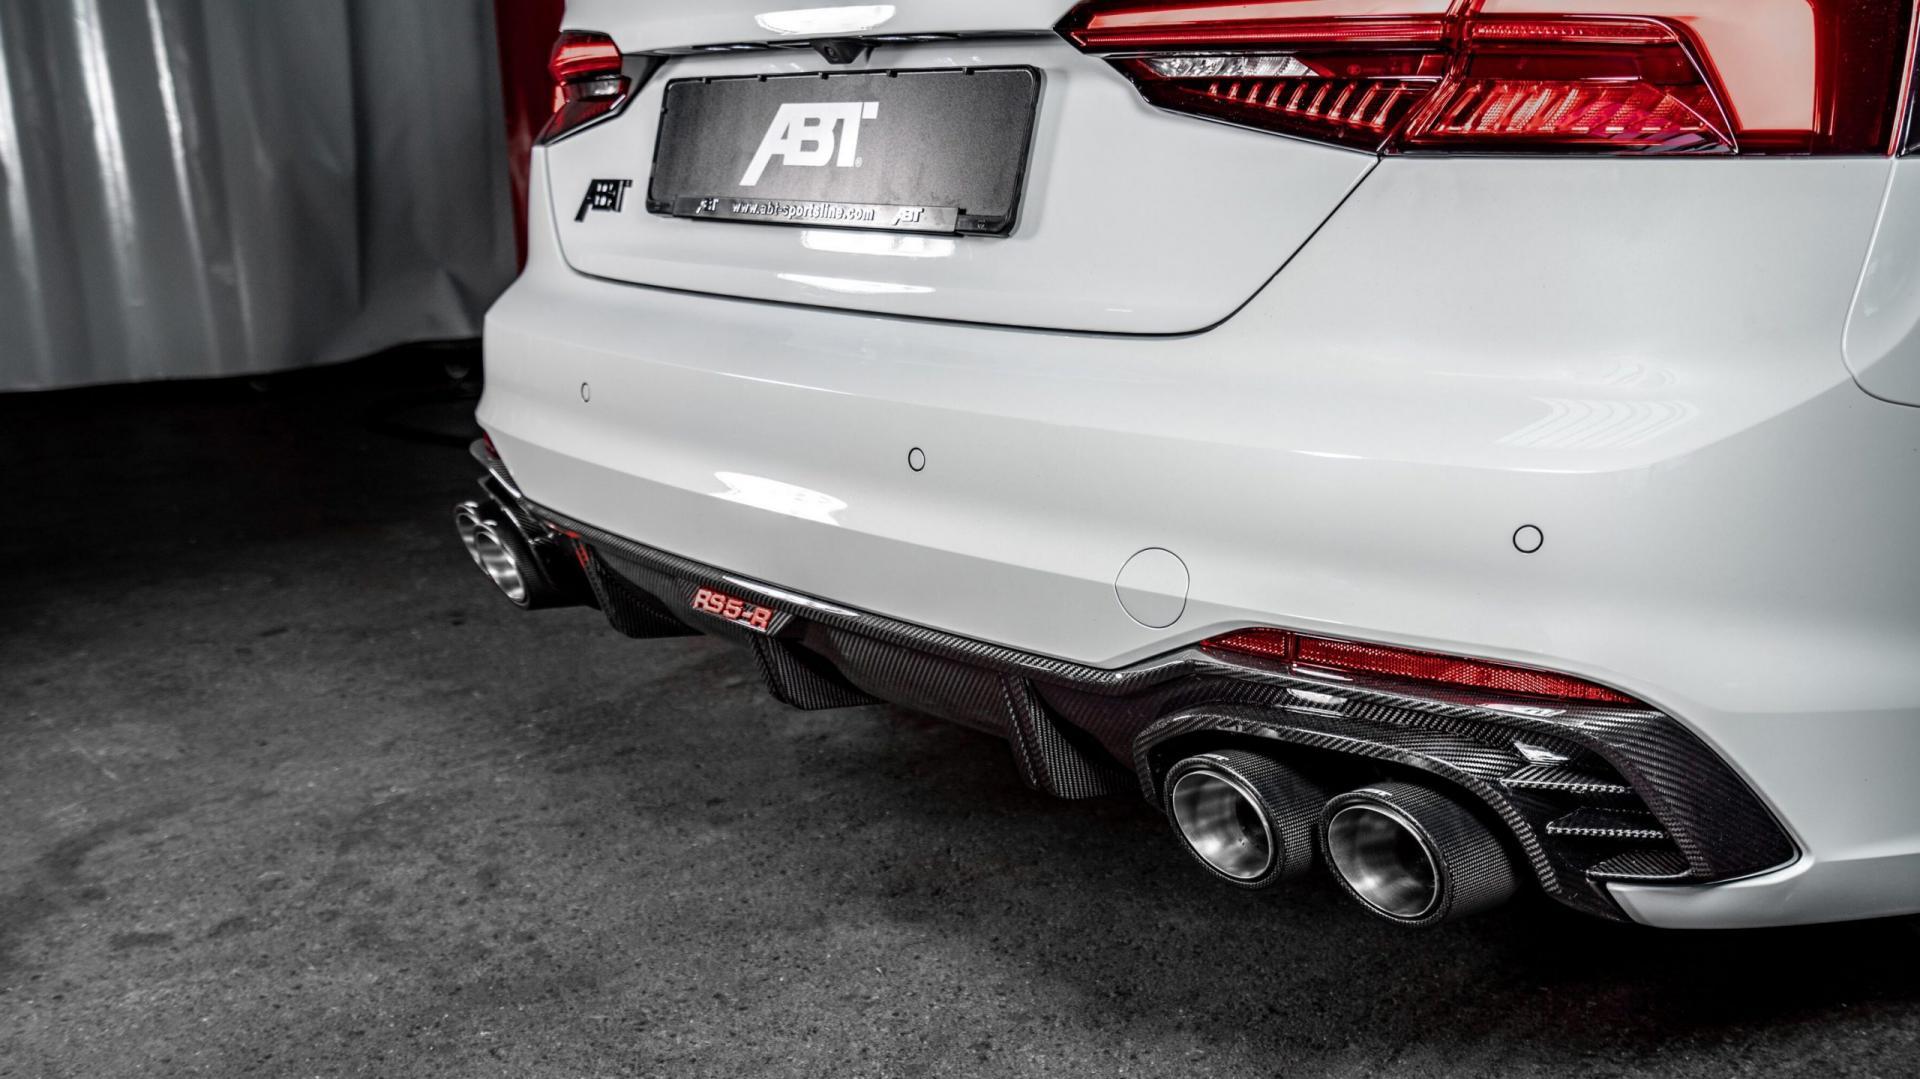 Abt Audi RS5-R Sportback uitlaat